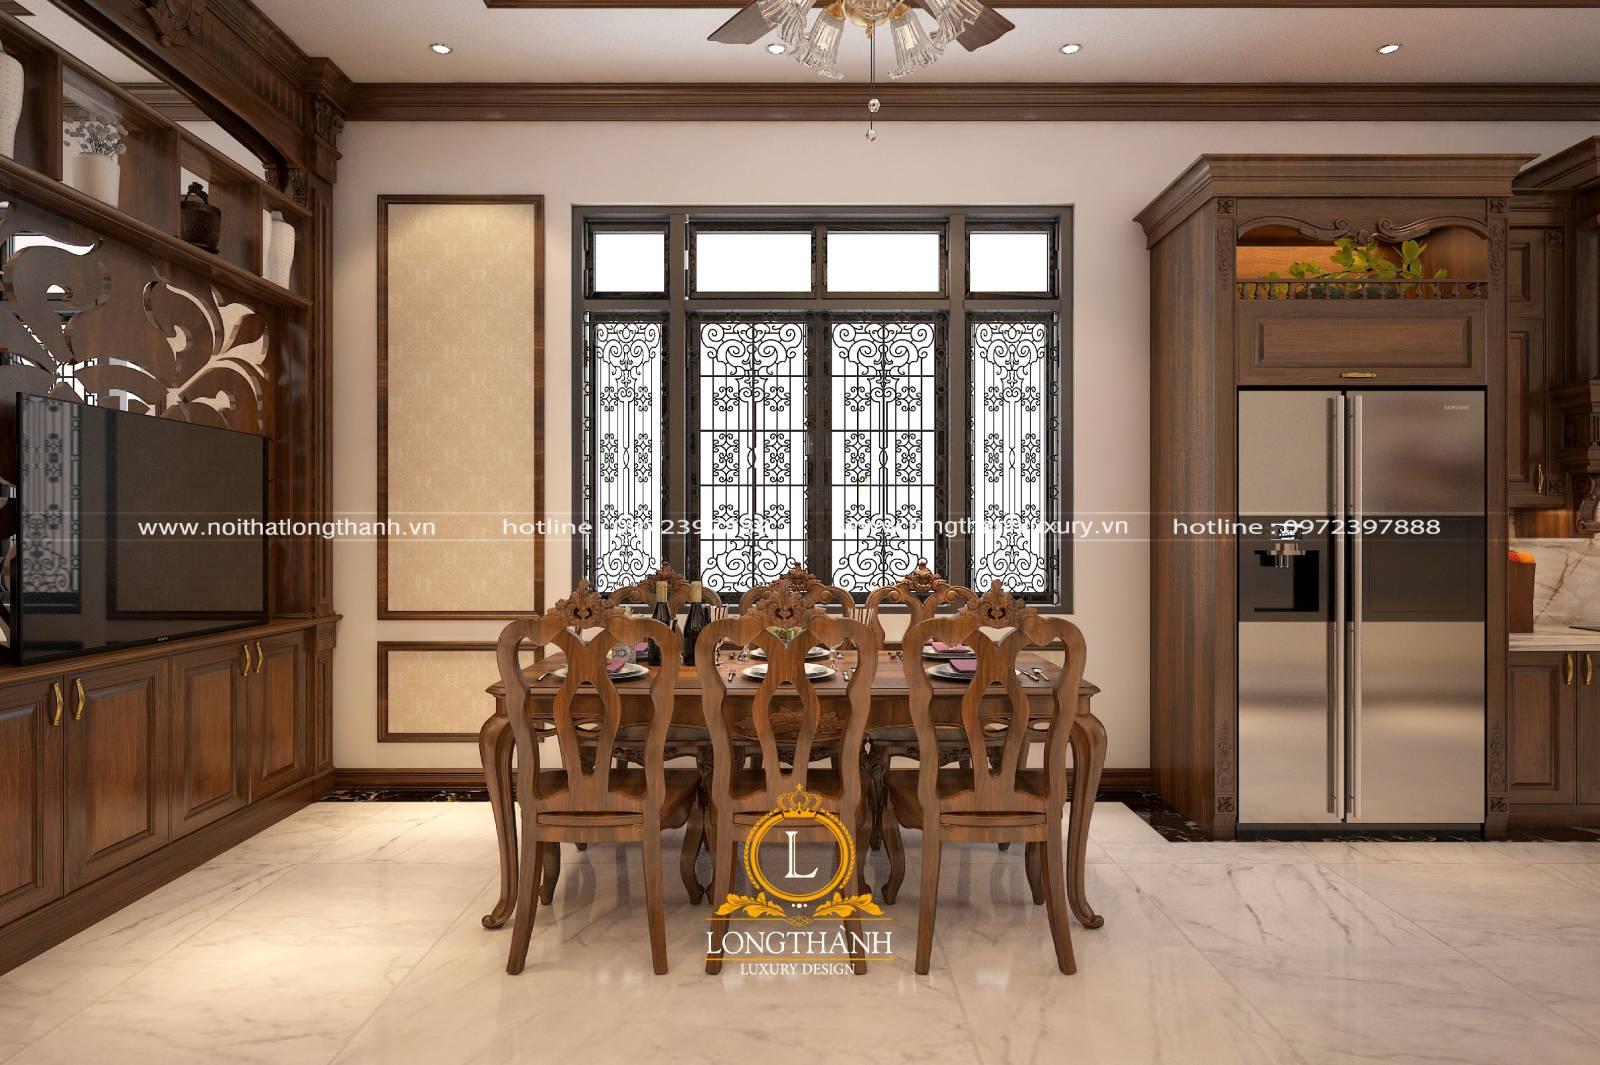 Thiết kế nội thất phòng bếp kết hợp đồng bộ đồ nội thất